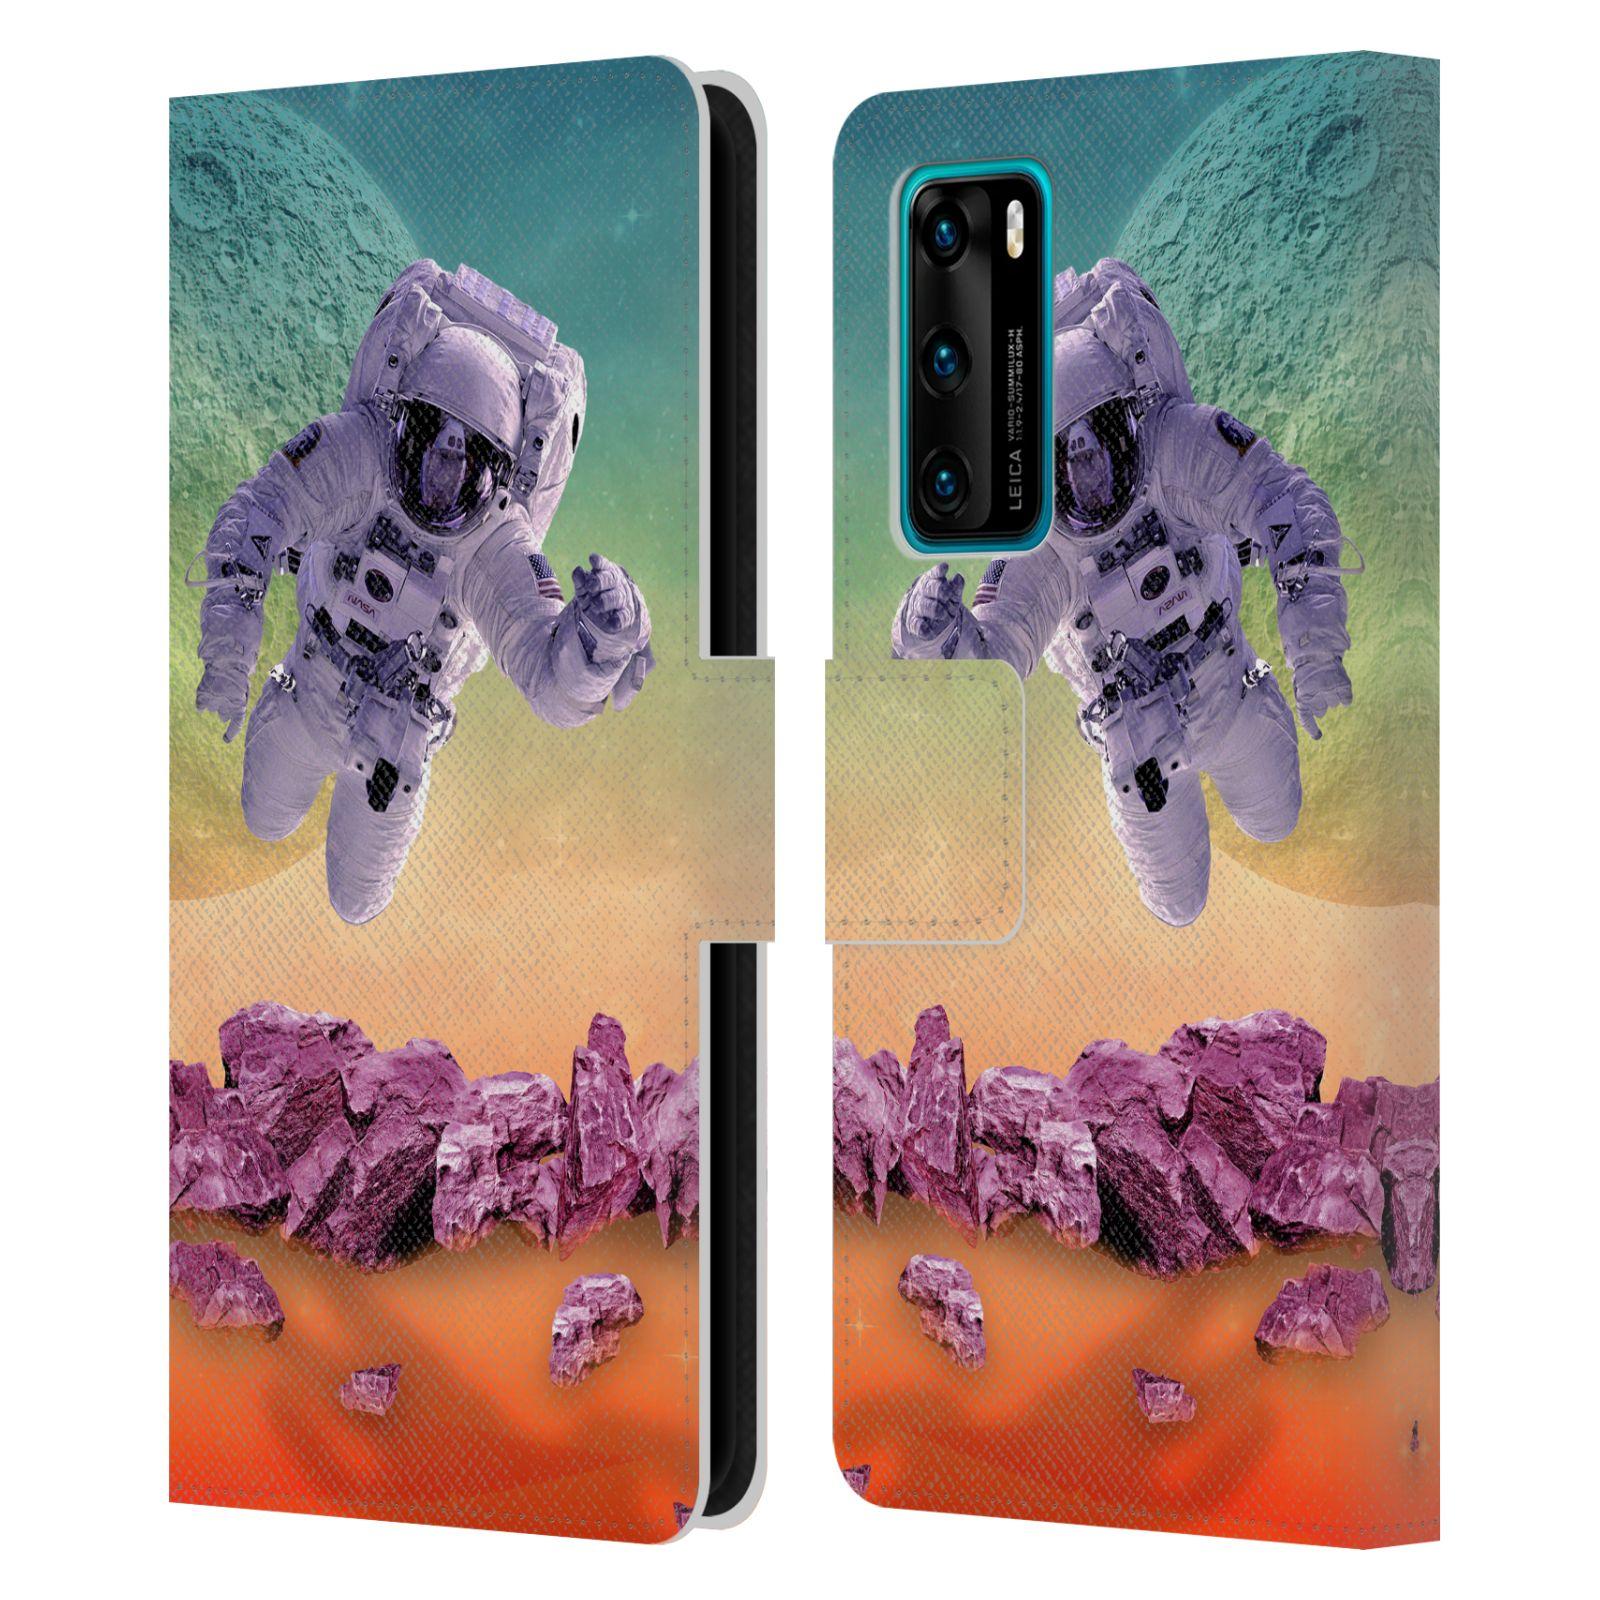 Y5p Honor 9S P40 5G Pro Plus Y6p Mate 20 Lite 40 Nova 5T 6 P30 オフィシャル 7 電話 バリアス 早割クーポン 4 P20 Ashkenazi レザー手帳型ウォレットタイプケース Mark 爆買いセール SE Huawei グラフィック 4e